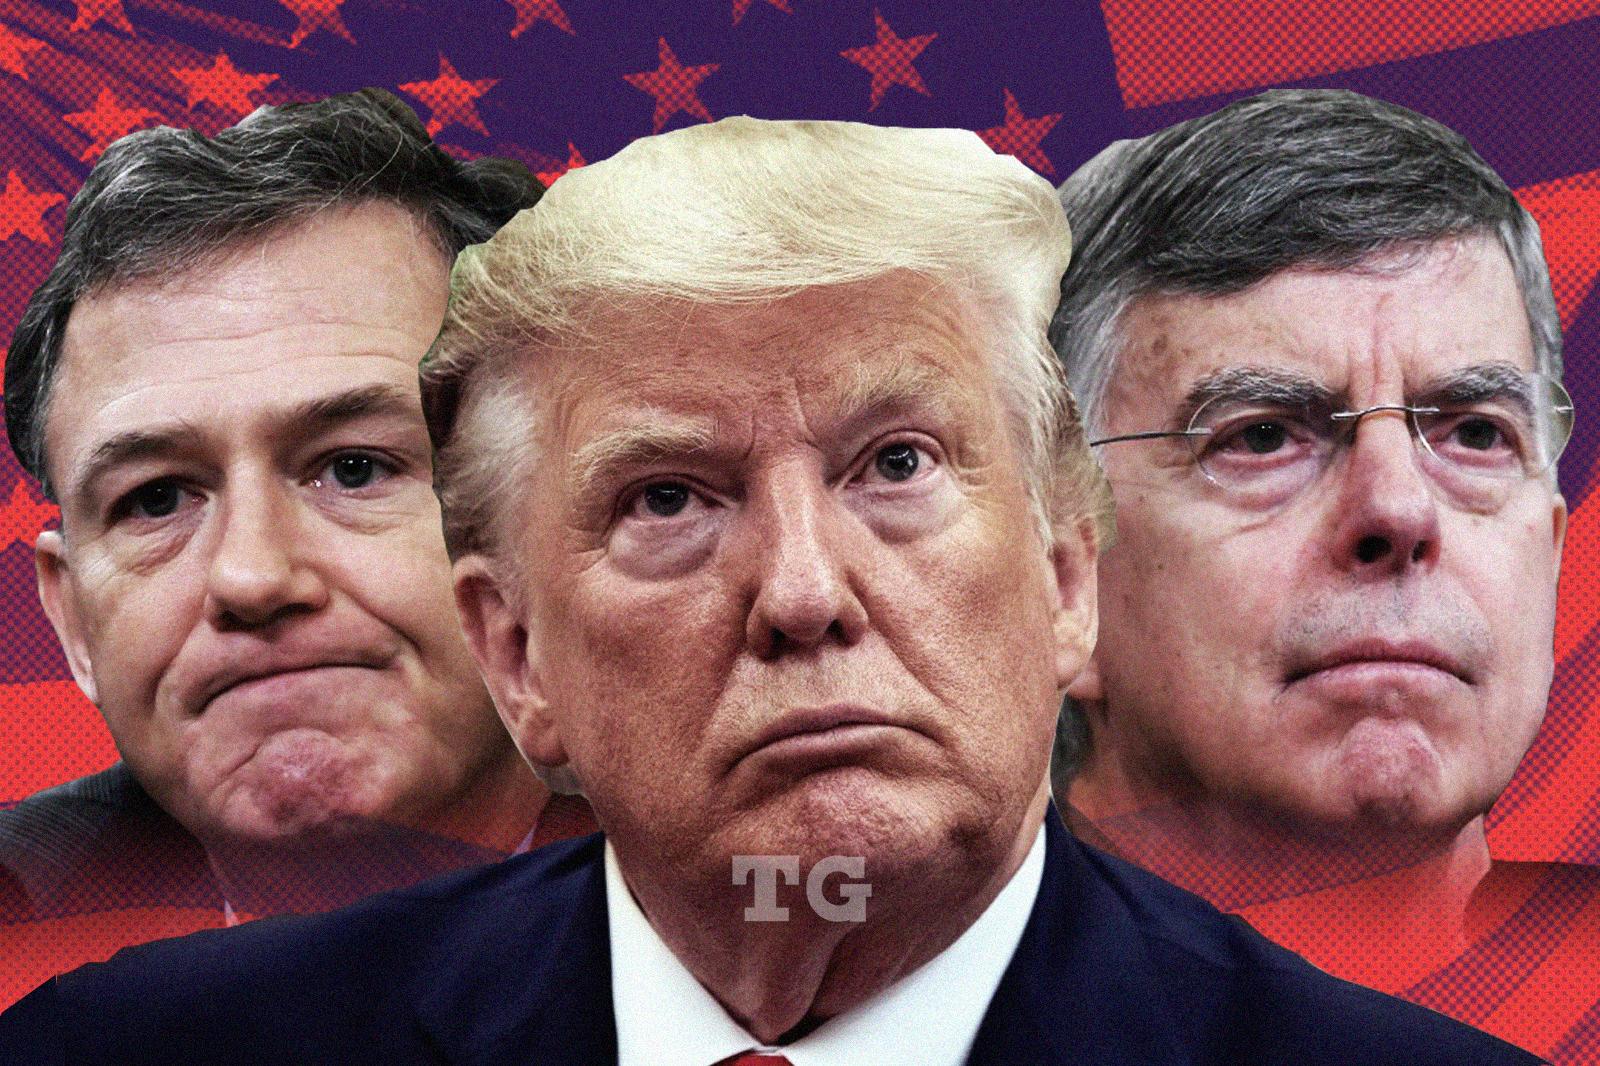 Analiza: Na svjedočenju o opozivu Trumpa dva odmjerena gospodina bacila su bombu kao iz špijunskog romana